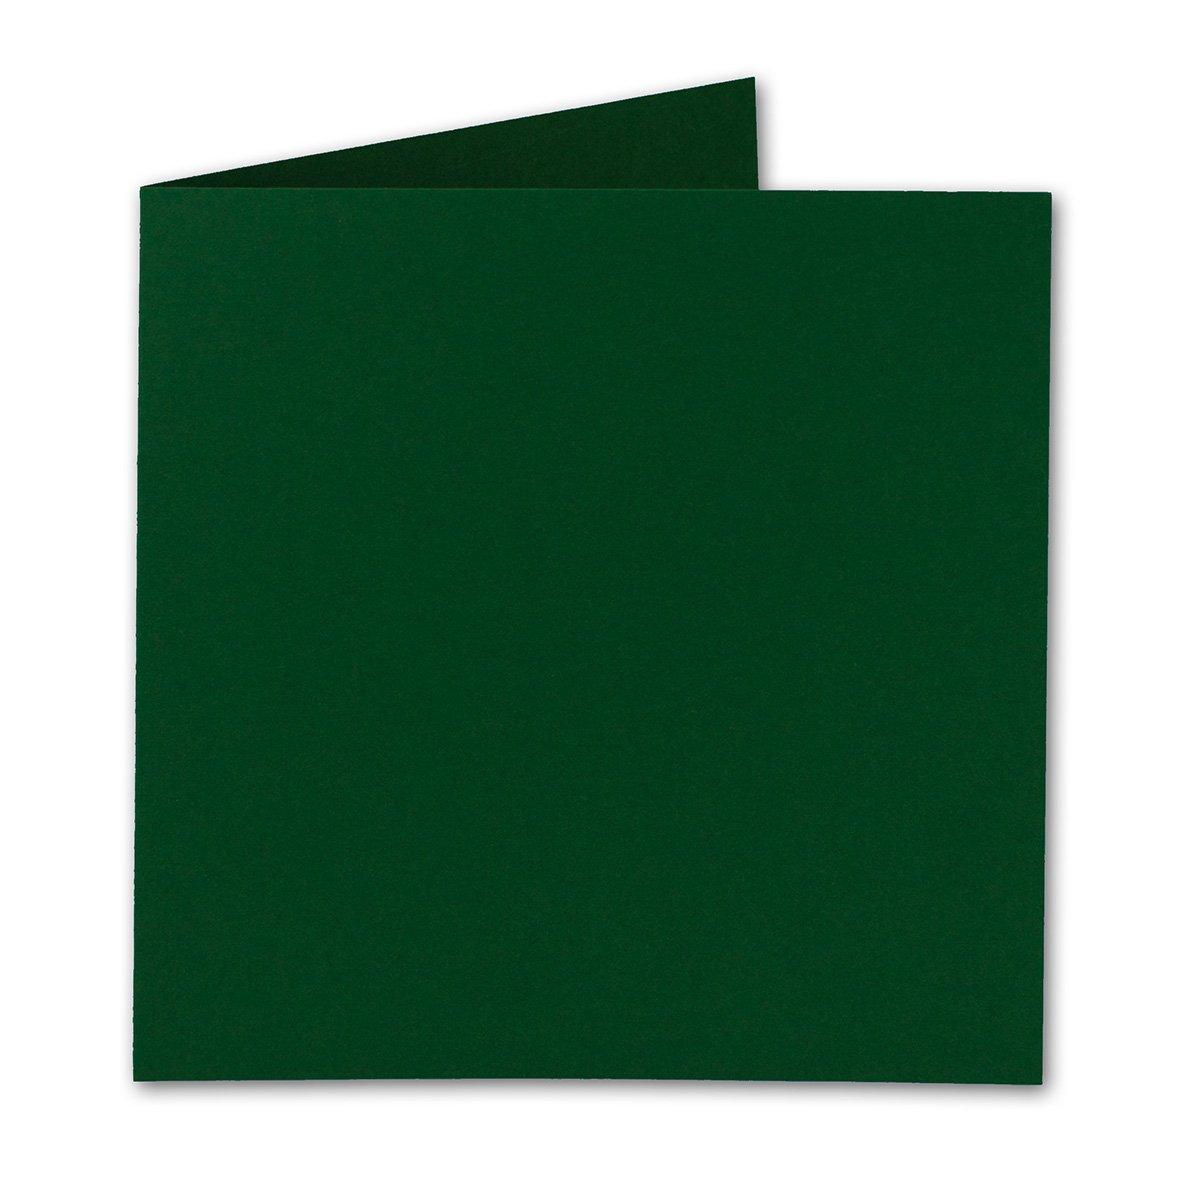 Quadratisches Falt-Karten-Set I 15 x x x 15 cm - mit Brief-Umschlägen & Einlege-Blätter I Royalblau I 75 Stück I KomplettpaketI Qualitätsmarke  FarbenFroh® von GUSTAV NEUSER® B07D4GCZ95 | Queensland  9d65e6